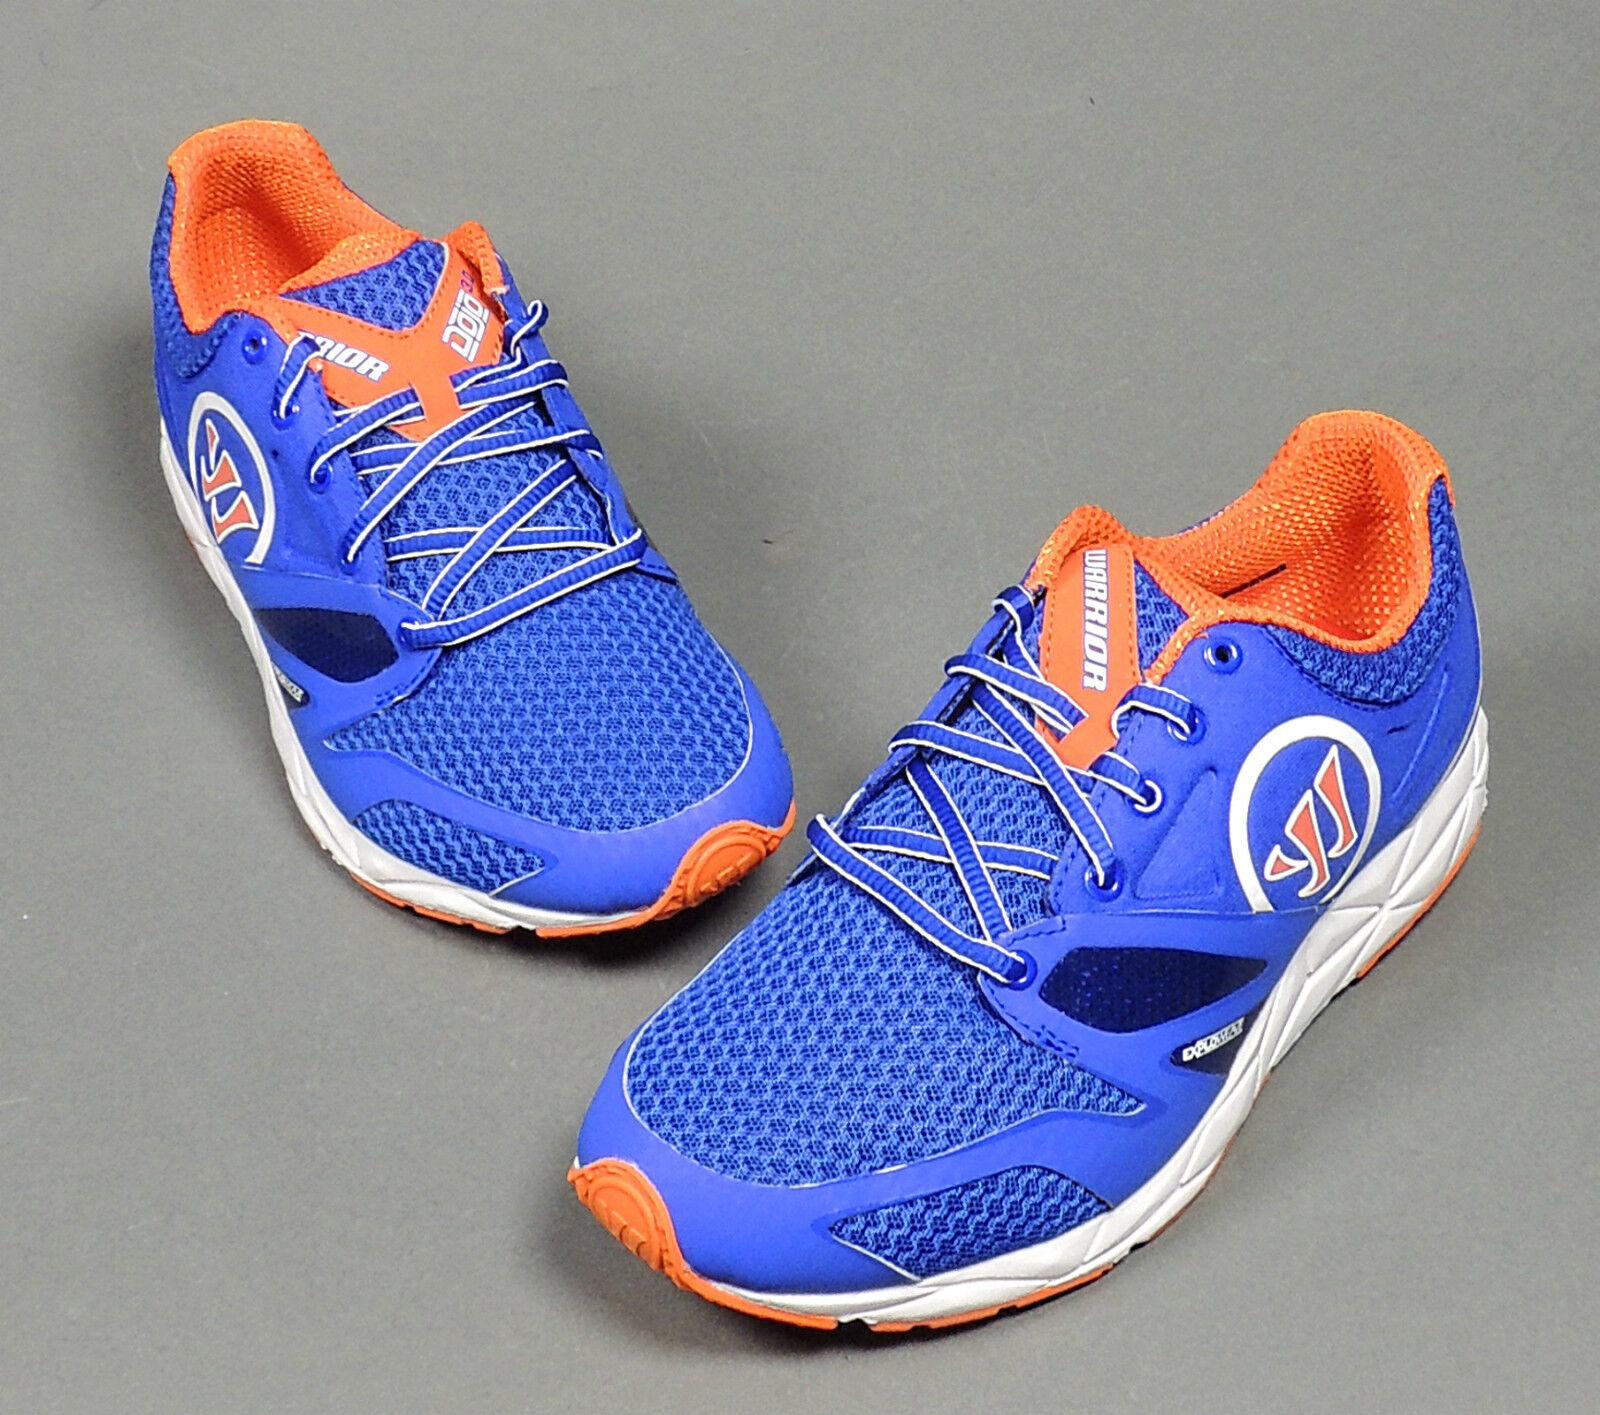 Warrior Dojo 3.0 Mens Training Running Sneaker bluee Org Wht (NEW) Lists @